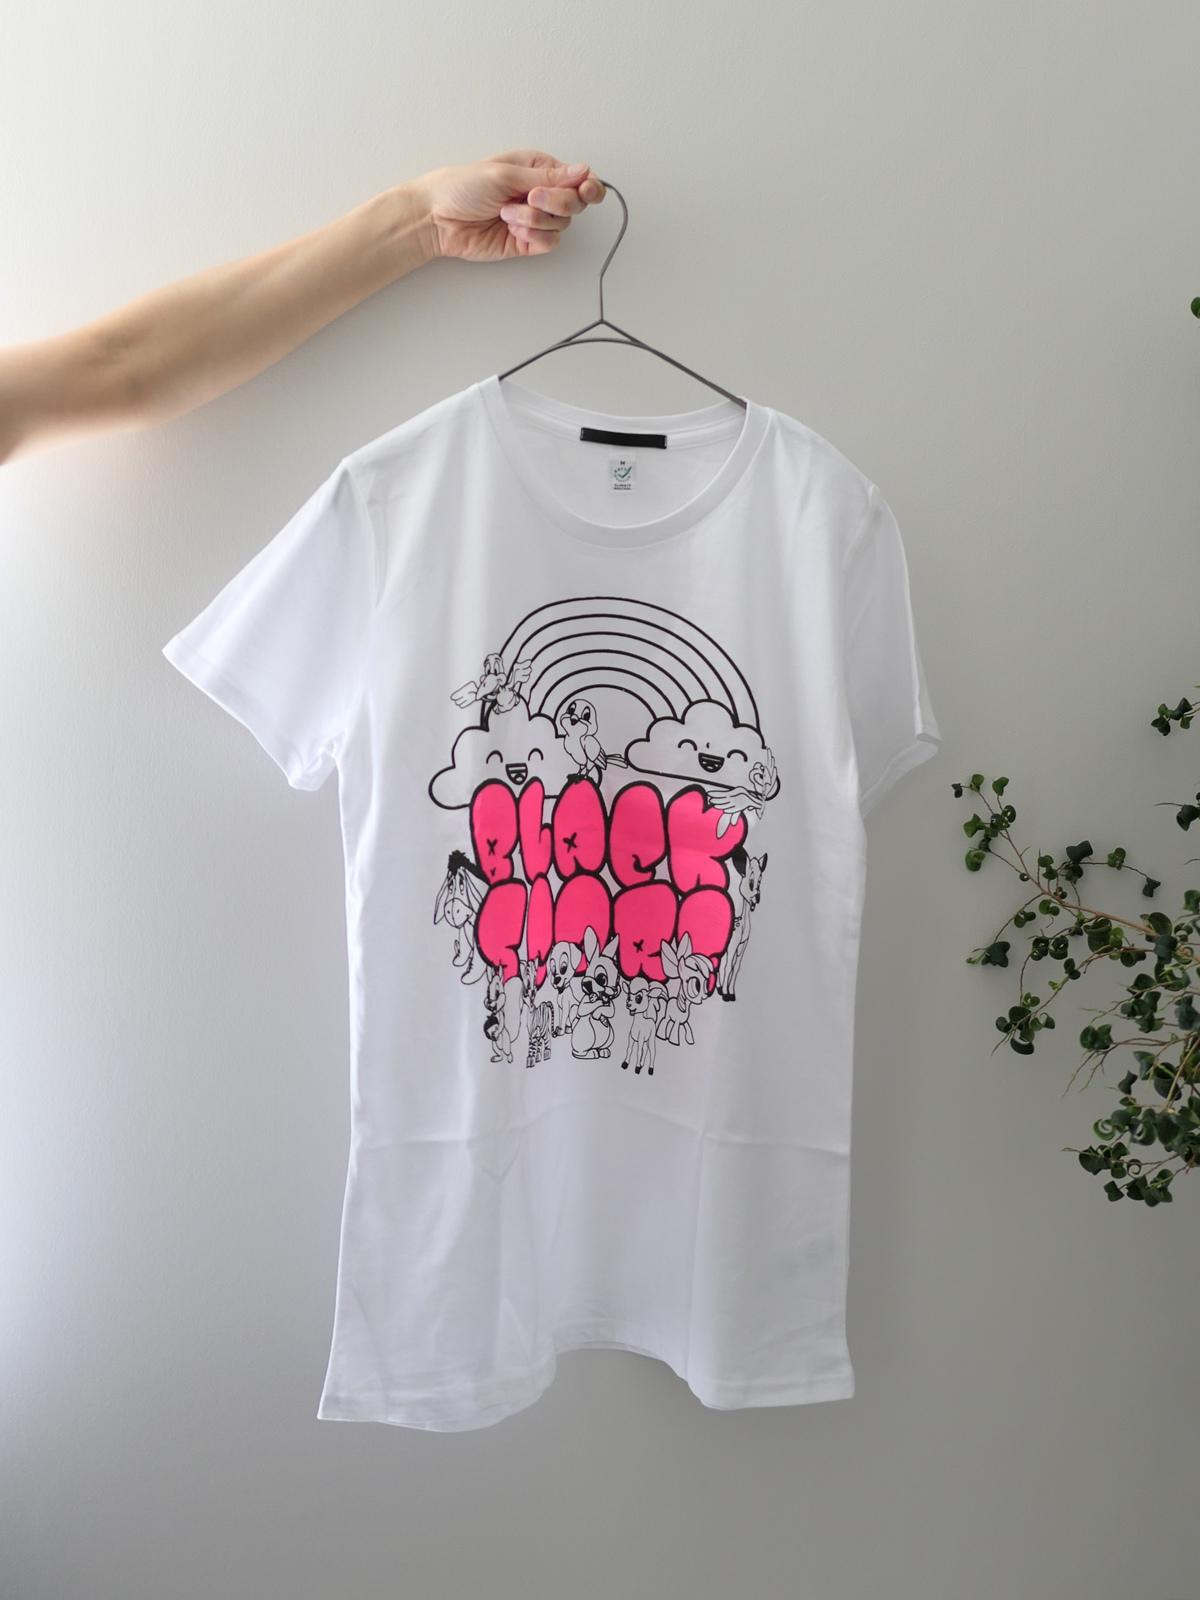 Black Score の Tシャツが入荷いたしました!_c0176078_16514301.jpg